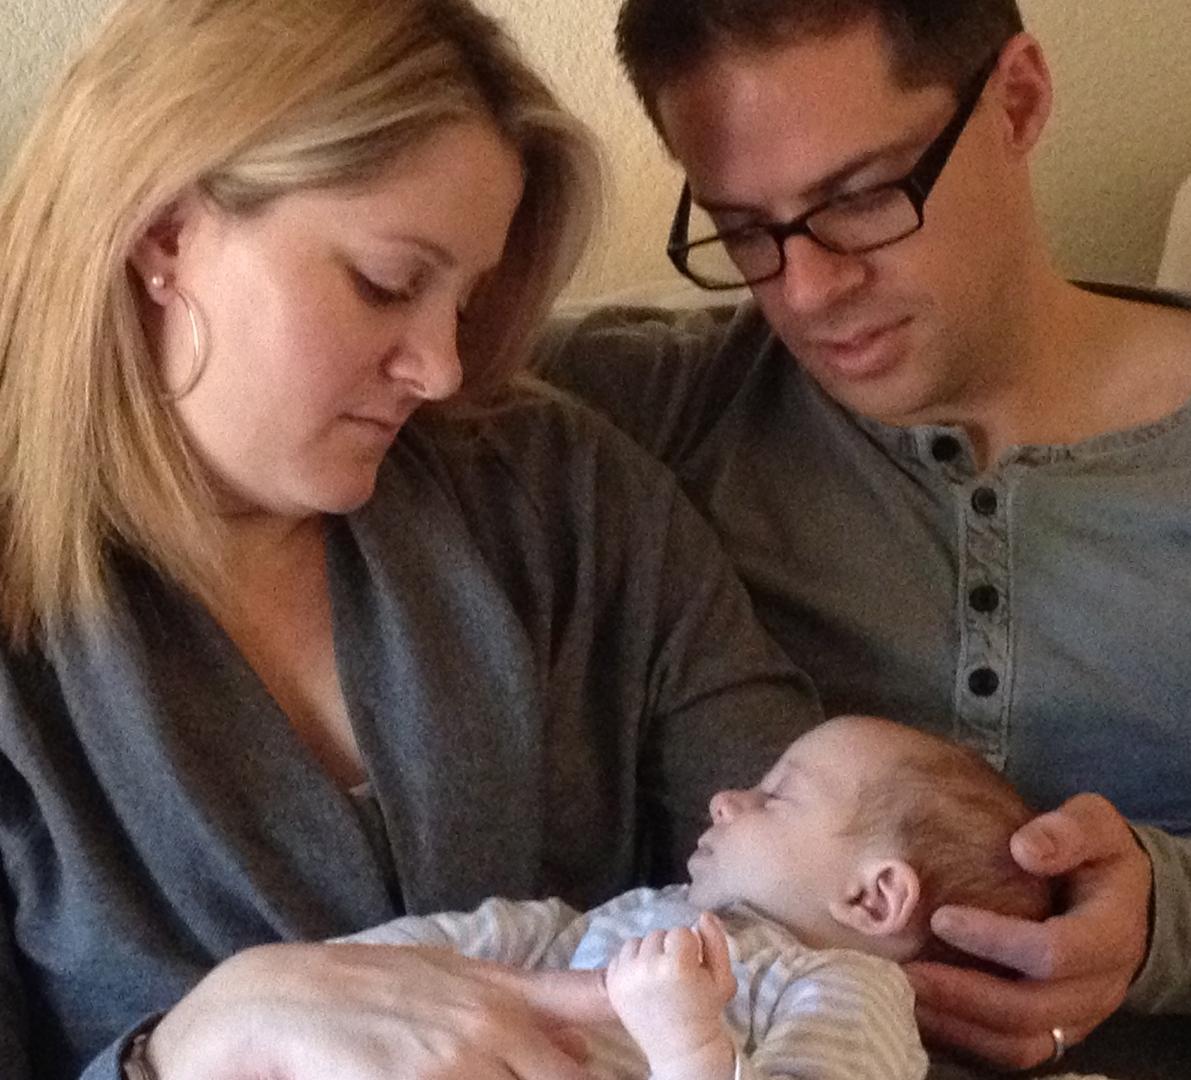 Pregnancy, Infants, Families